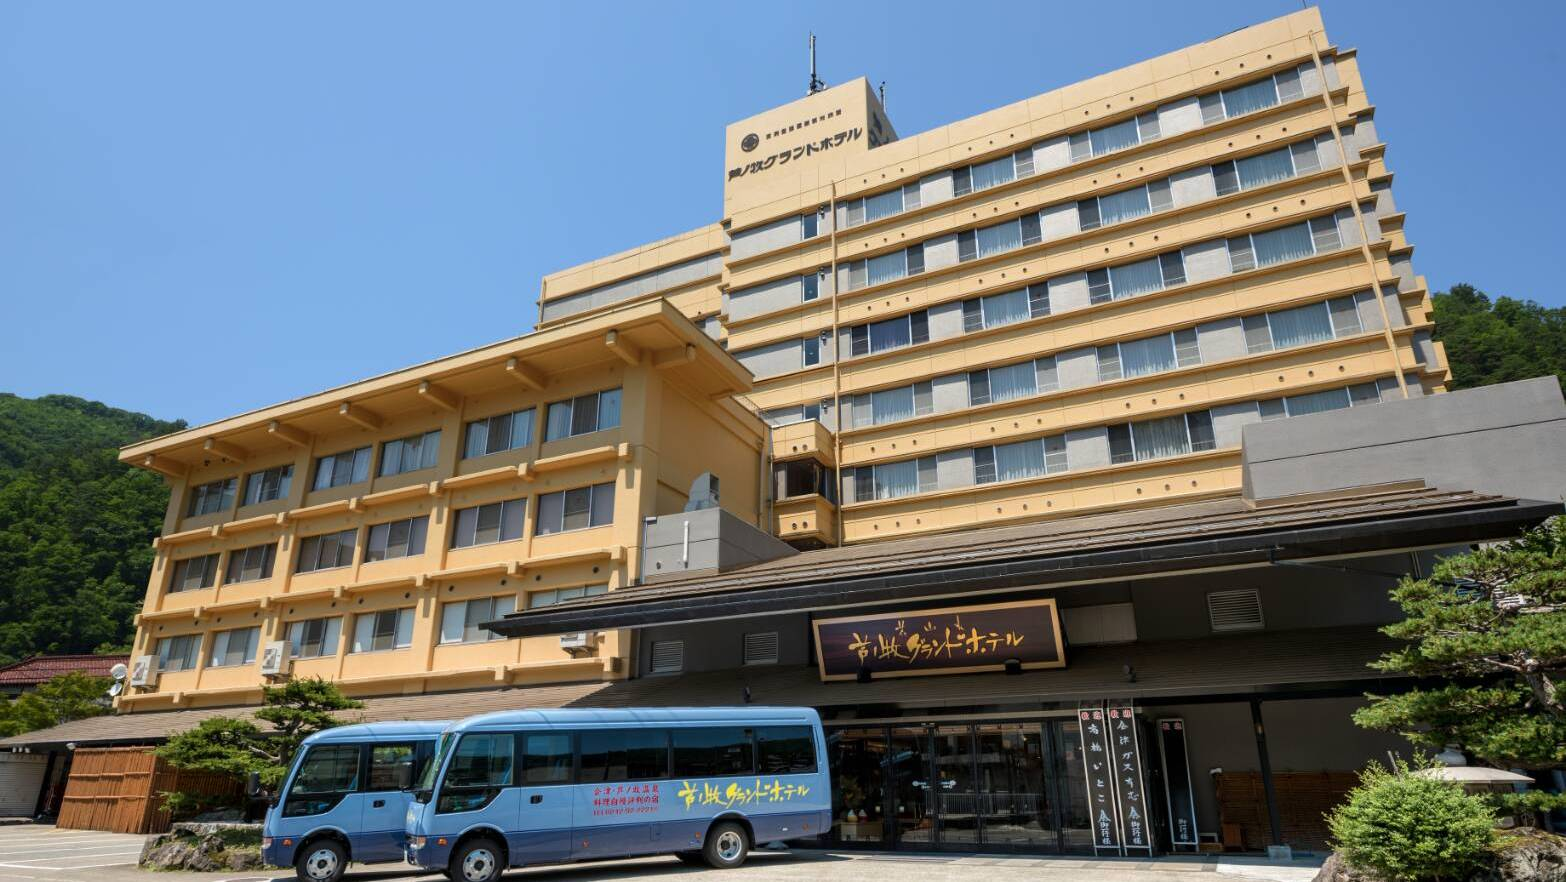 芦 ノ 牧 グランド ホテル